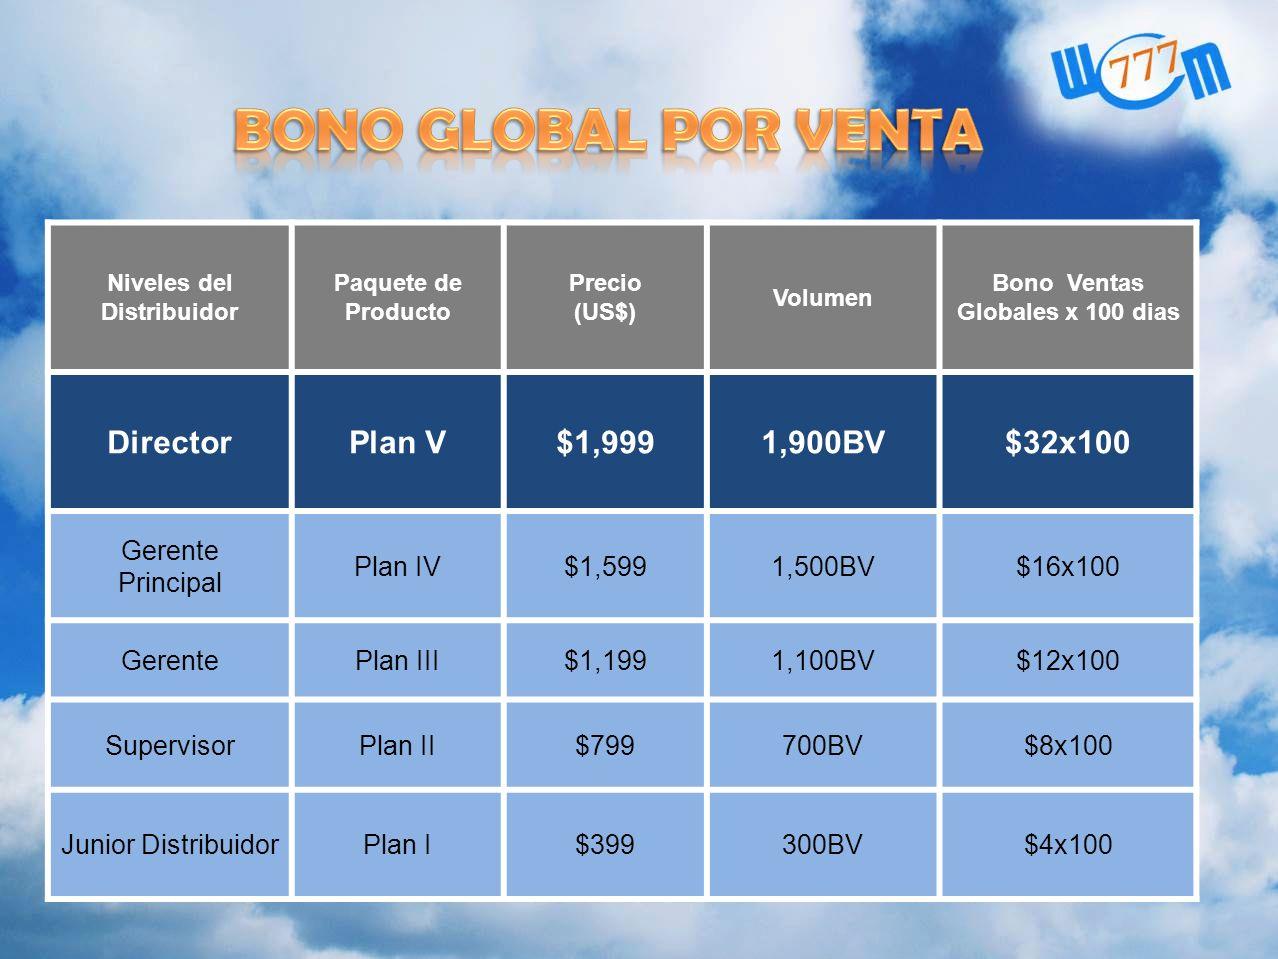 Niveles del Distribuidor Paquete de Producto Precio (US$) Volumen Bono Ventas Globales x 100 dias DirectorPlan V$1,9991,900BV$32x100 Gerente Principal